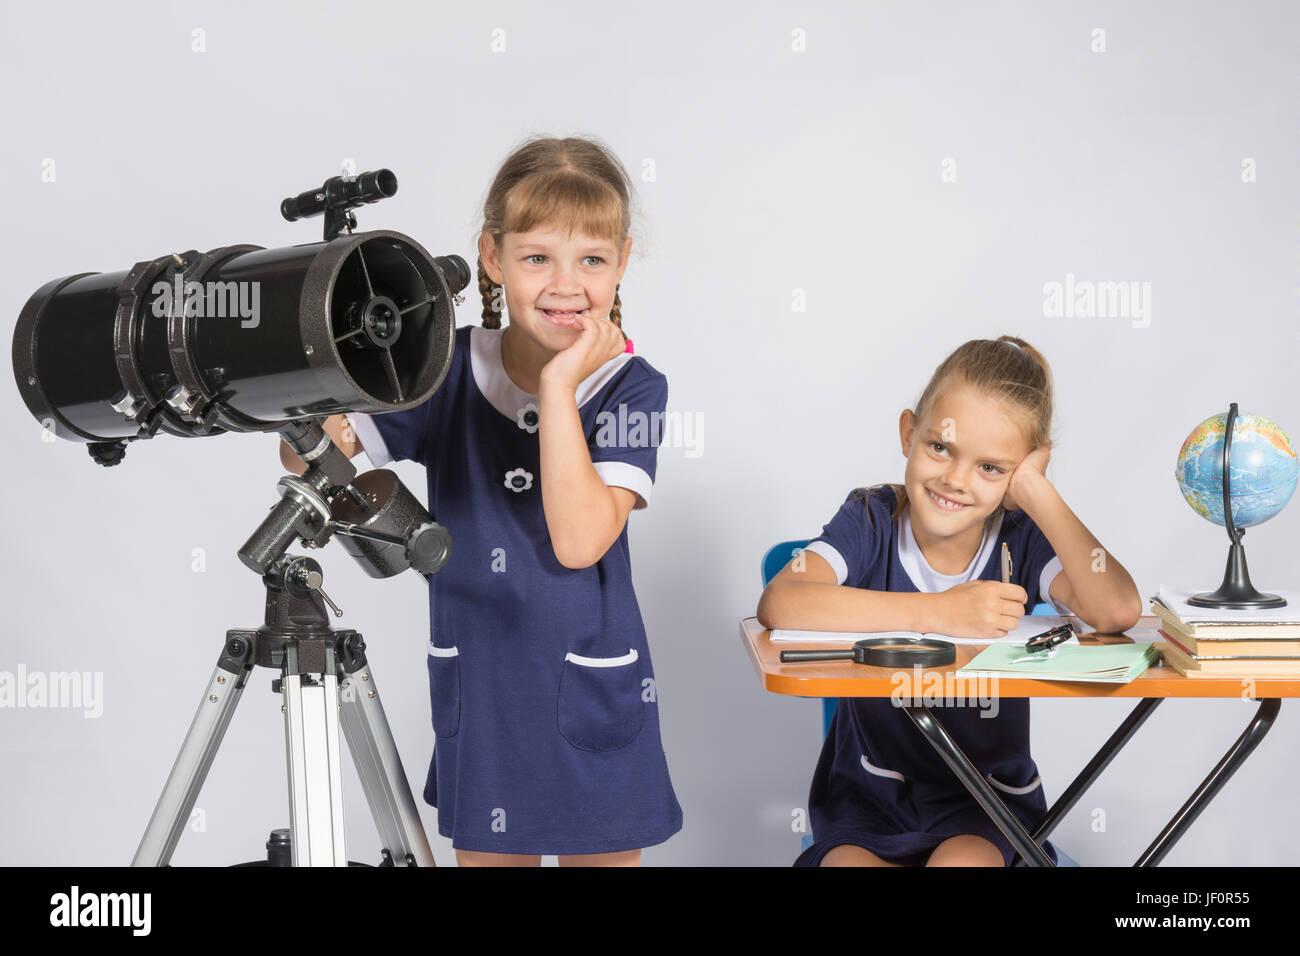 Zwei Mädchen auf mysteriöse Weise Astronomen denken Stockbild